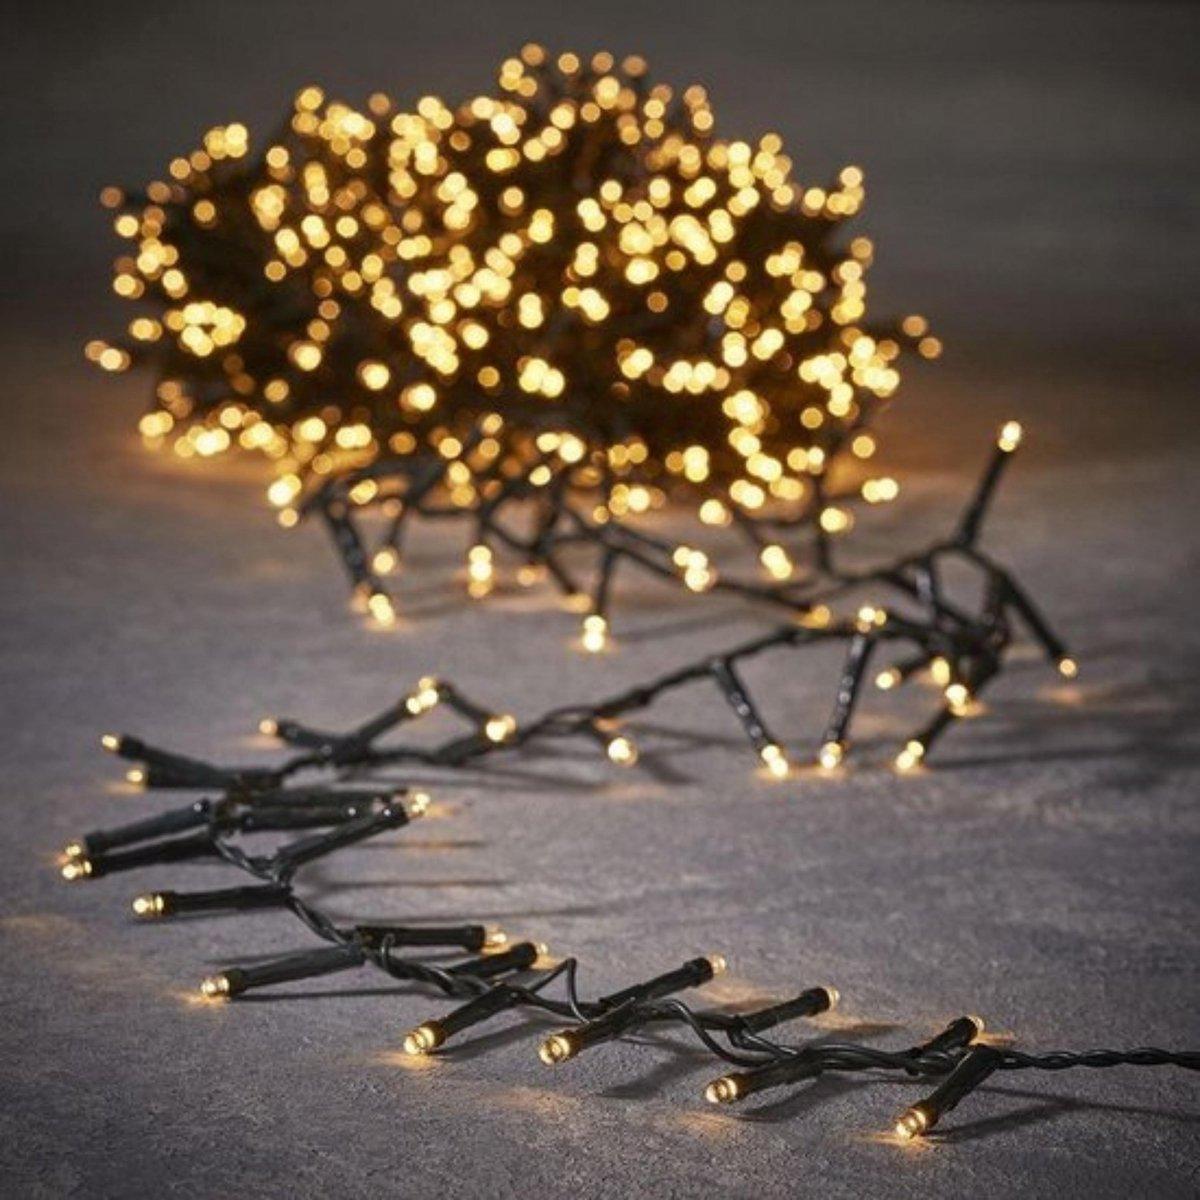 Kerstverlichting 20 LED Lampjes - Kerstversiering Binnen - 1.5 Meter kopen